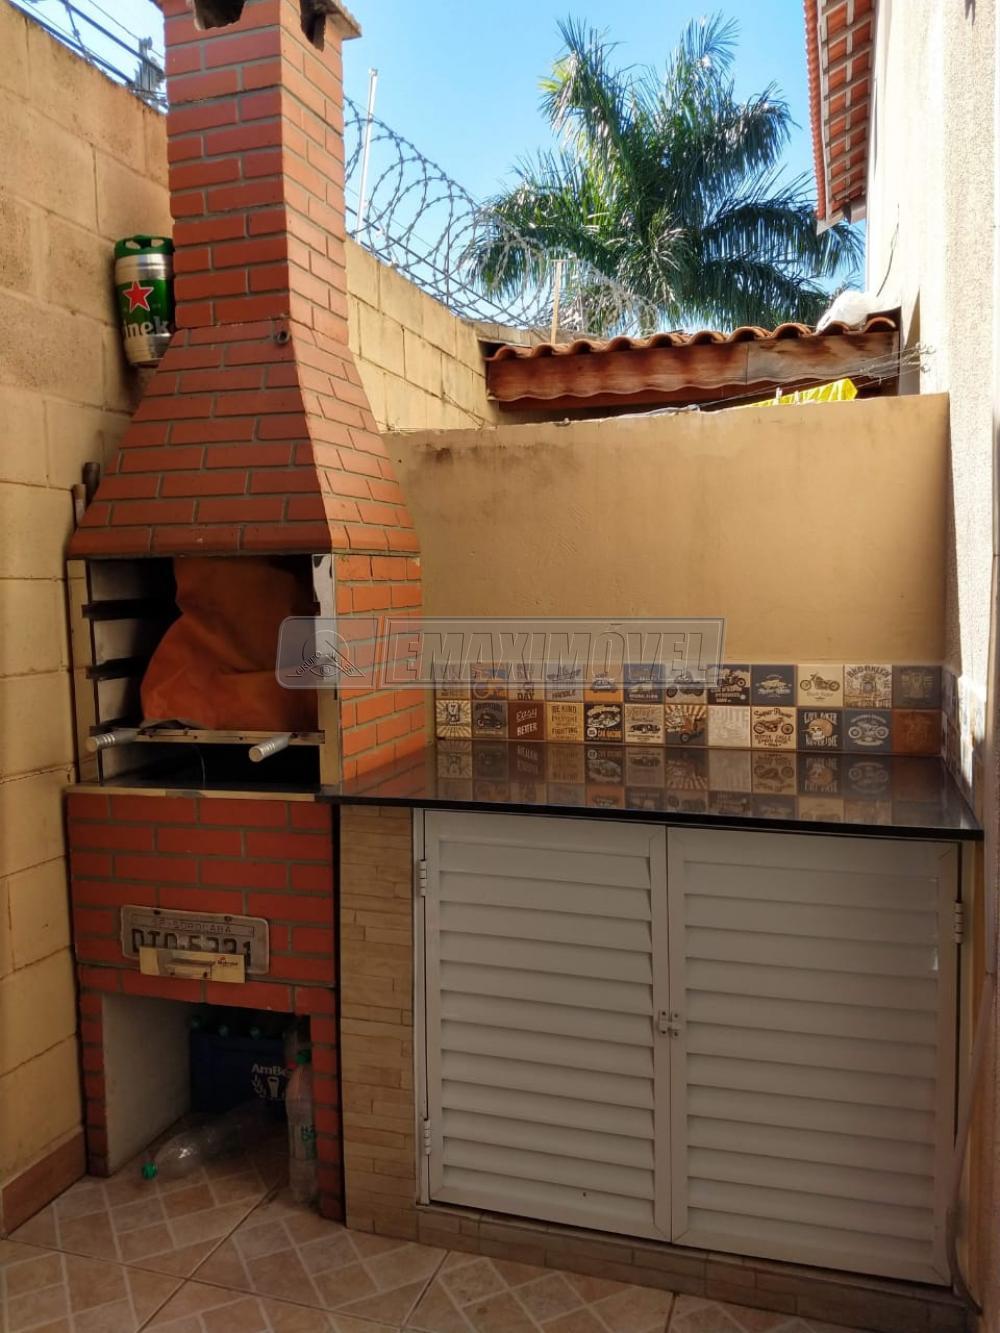 Comprar Casas / em Condomínios em Sorocaba apenas R$ 240.000,00 - Foto 23